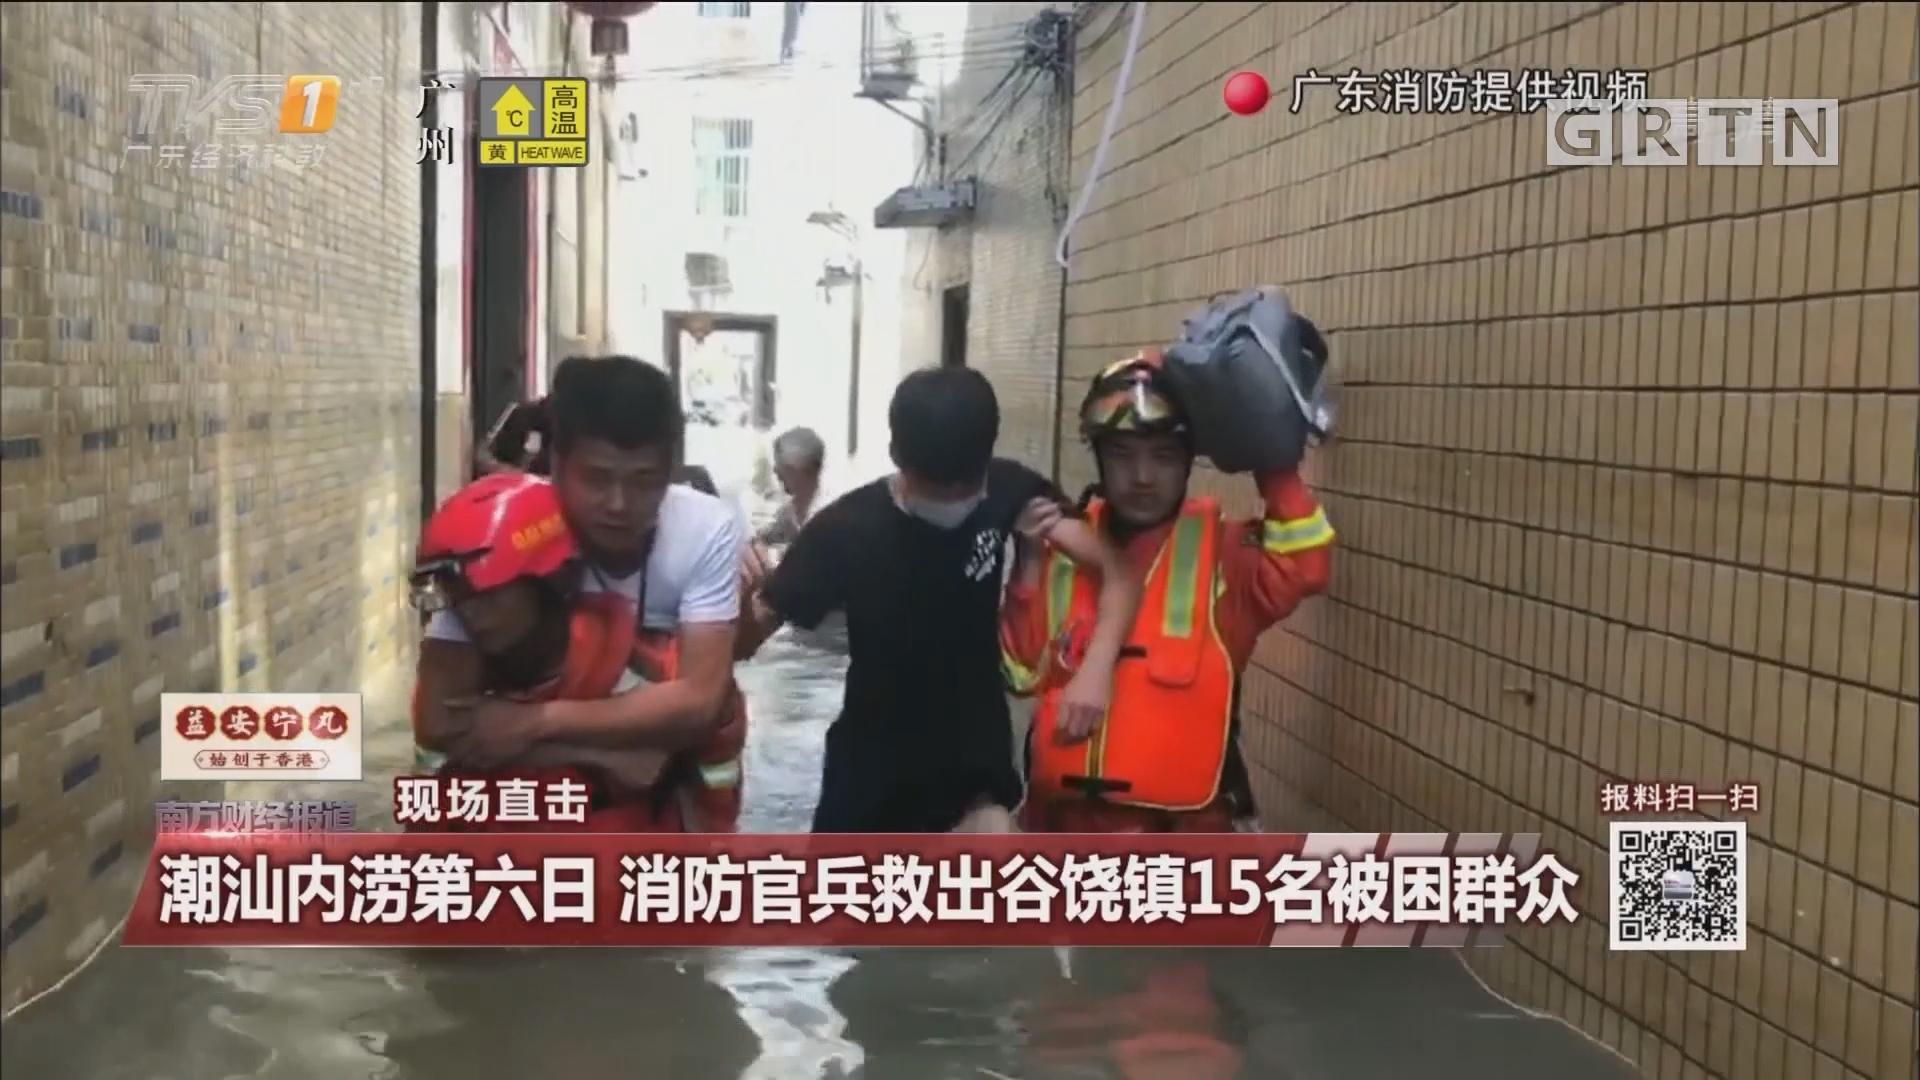 潮汕内涝第六日 消防官兵救出谷饶镇15名被困群众